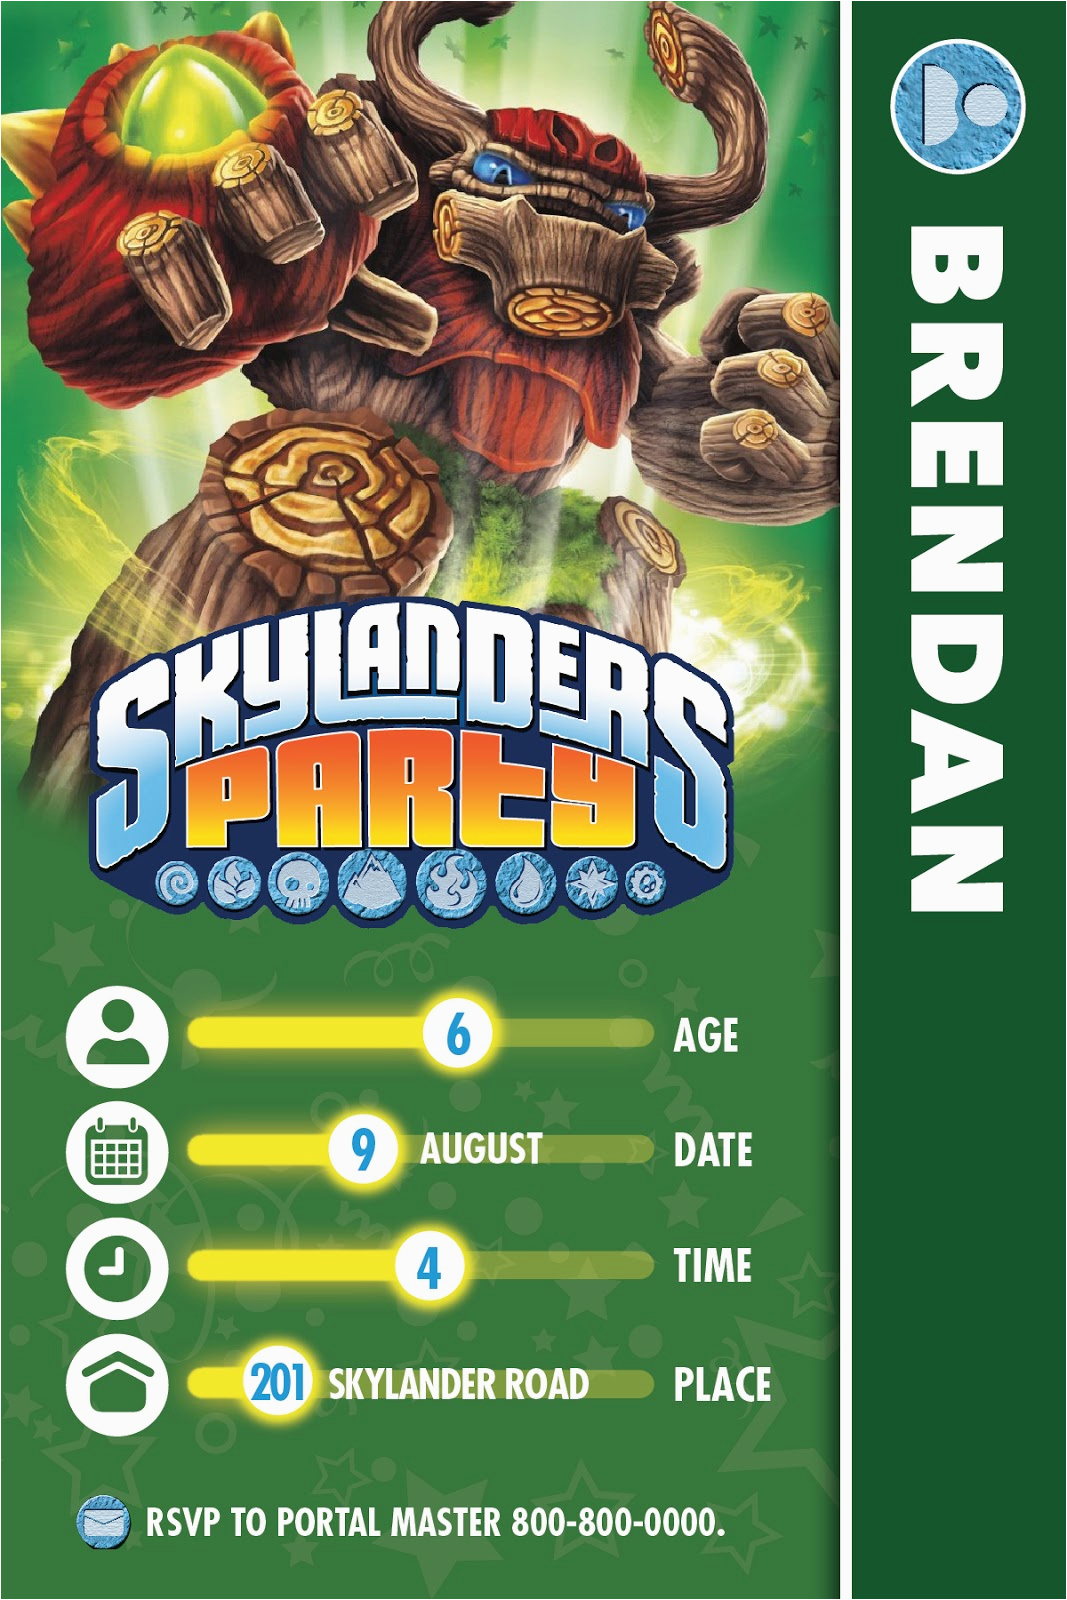 Skylander Birthday Invites | Birthdaybuzz - Free Printable Skylander Invitations